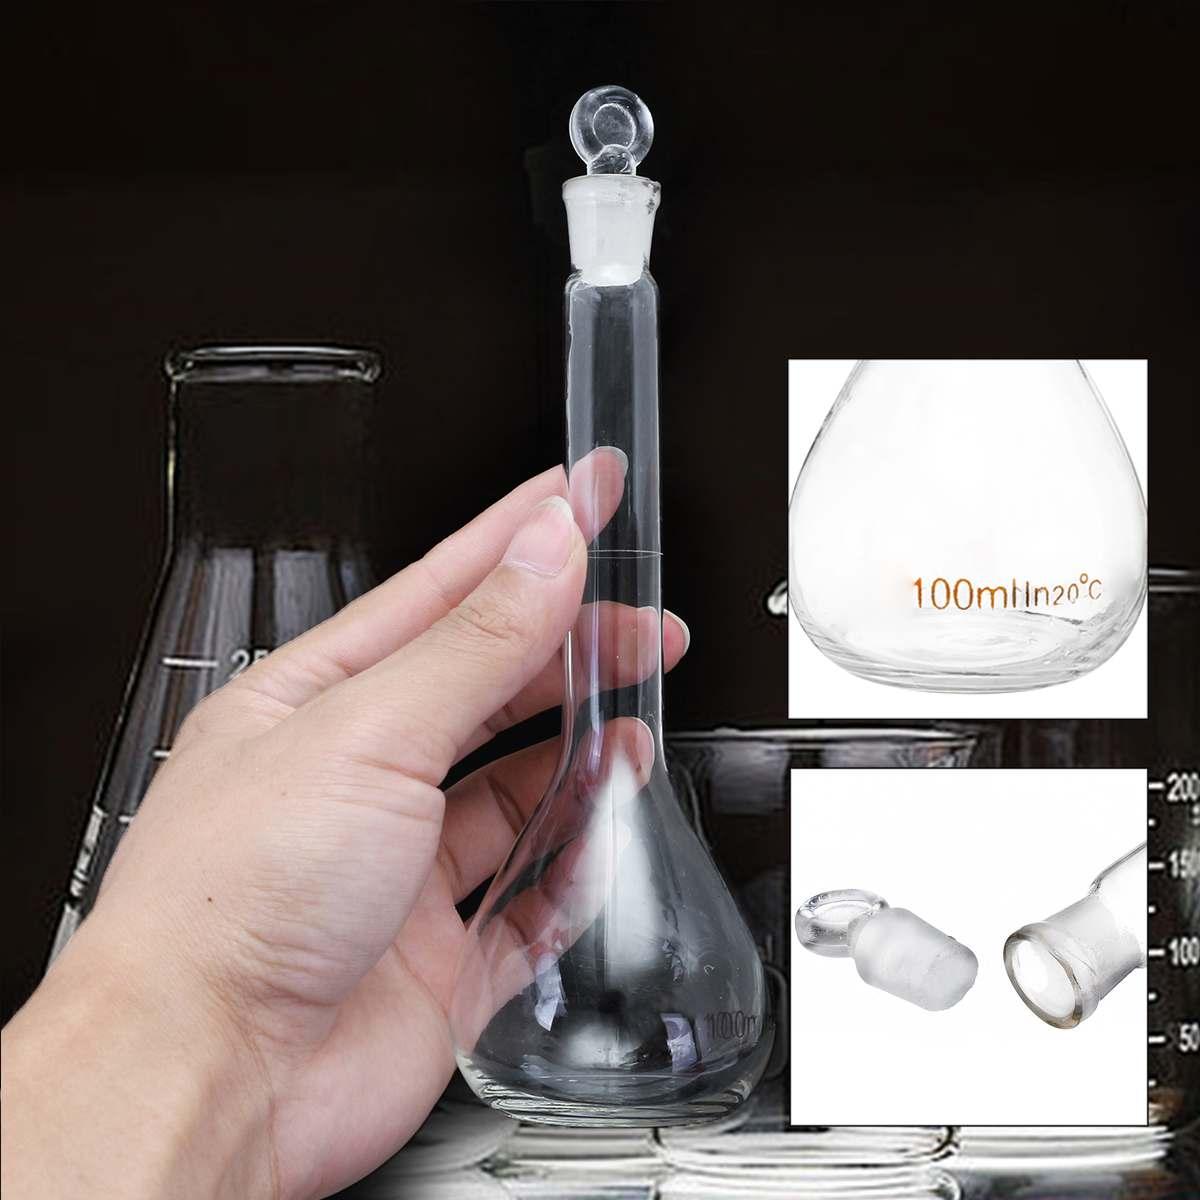 5-100 мл прозрачная лабораторная коническая колба из стекла, научная стеклянная колба Erlenmeyer, безопасная стеклянная посуда, лабораторная школьная исследовательская поставка